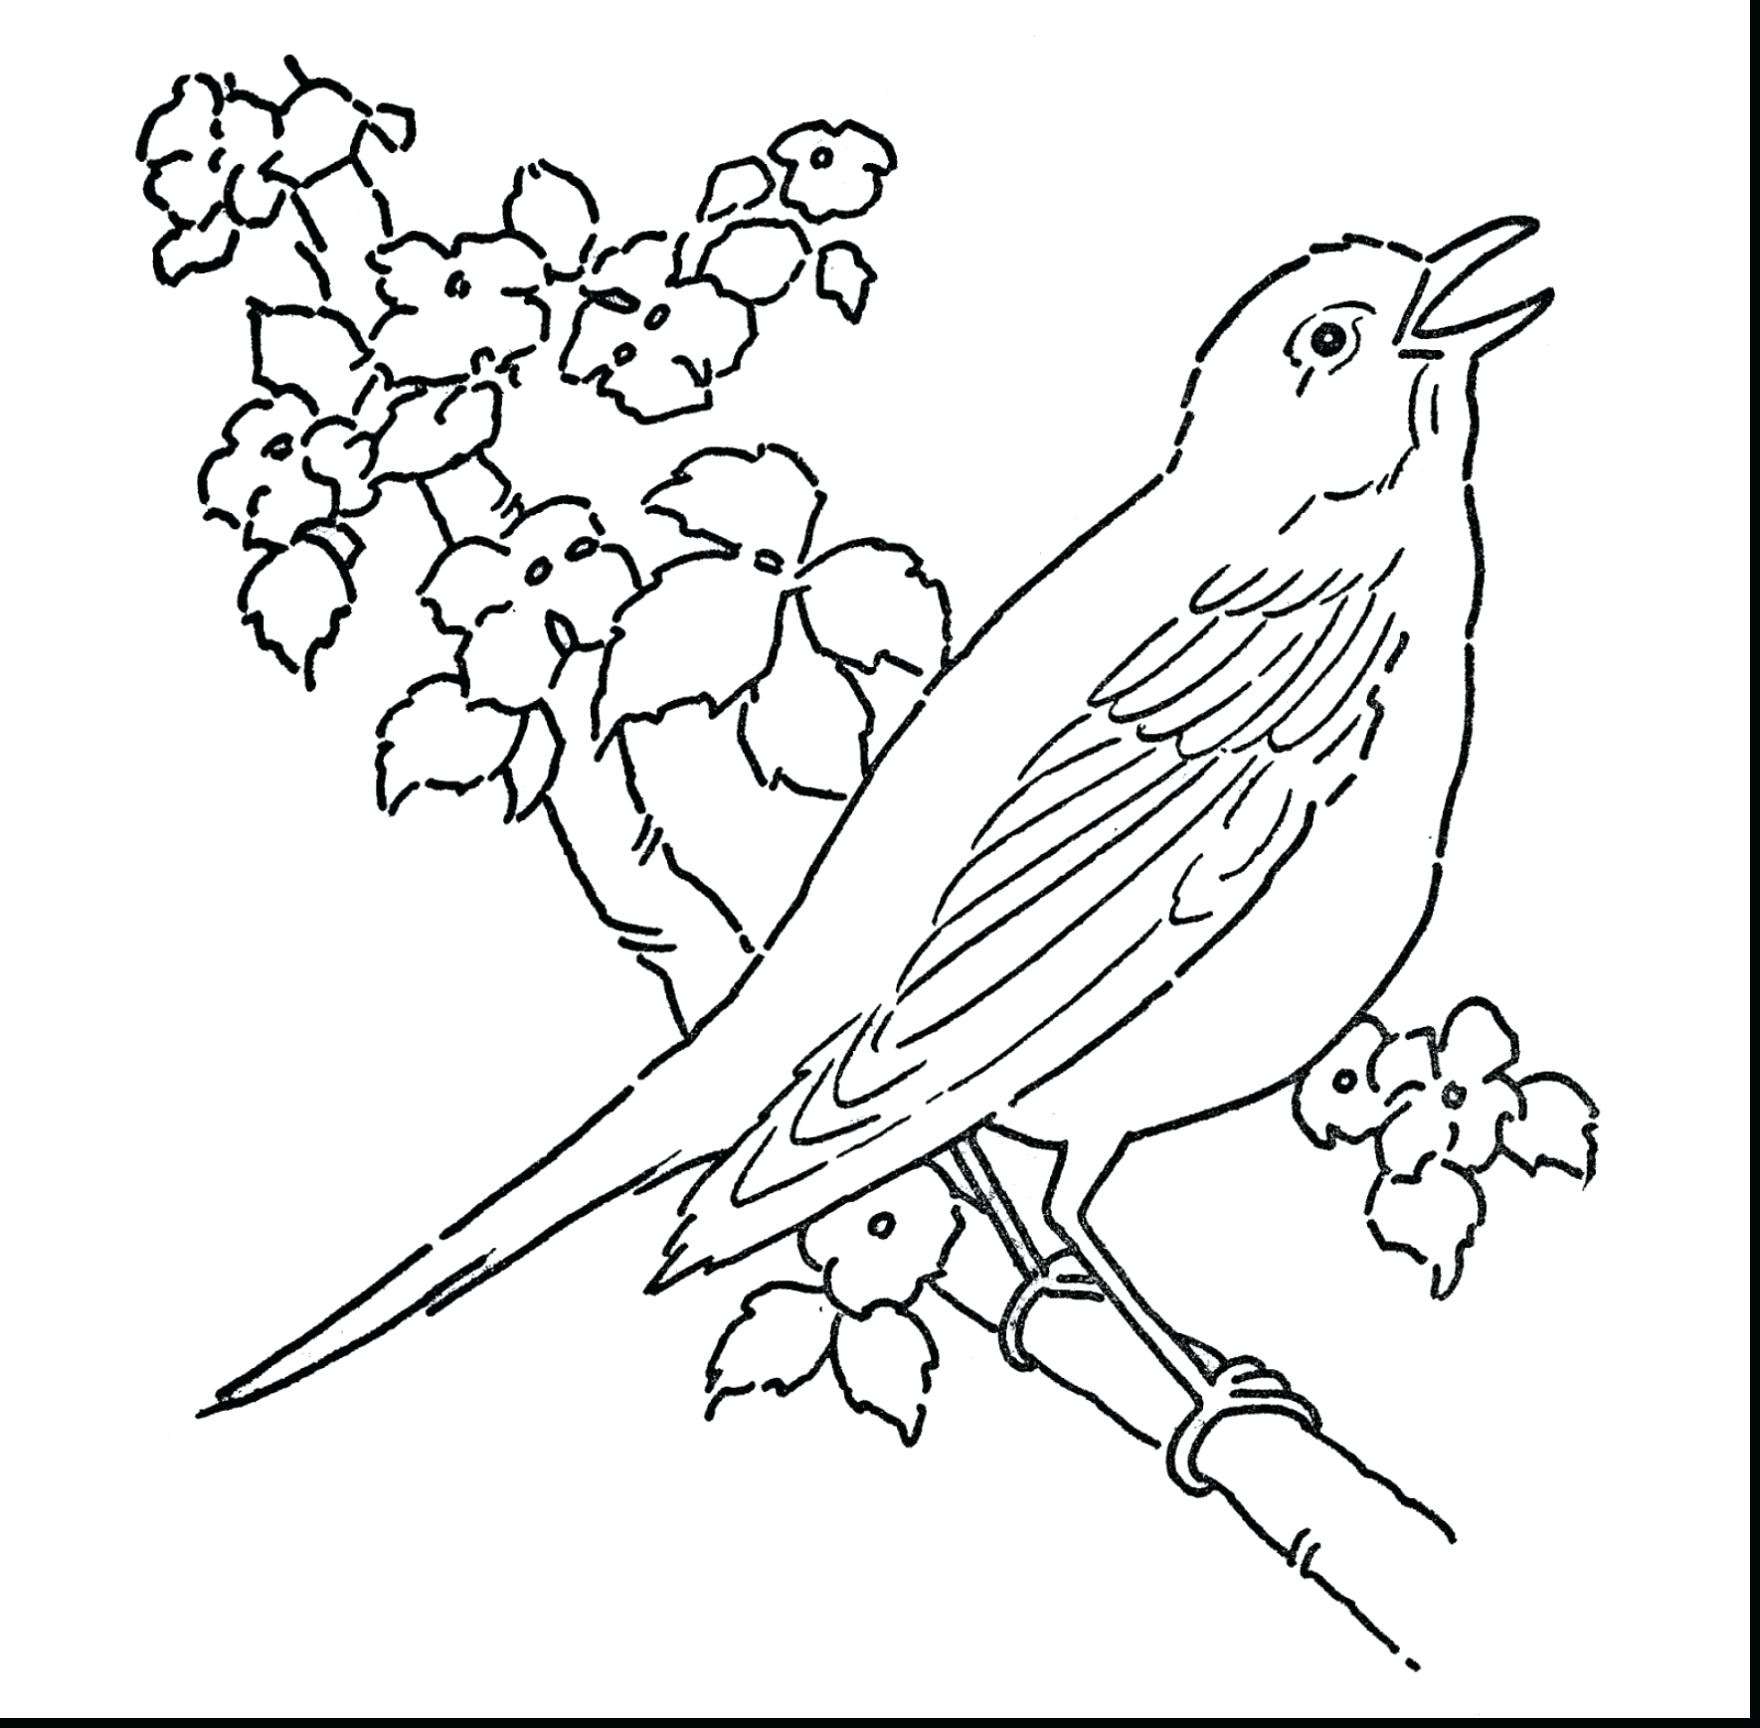 Tranh tô màu chim đuậ cành cây hót vang